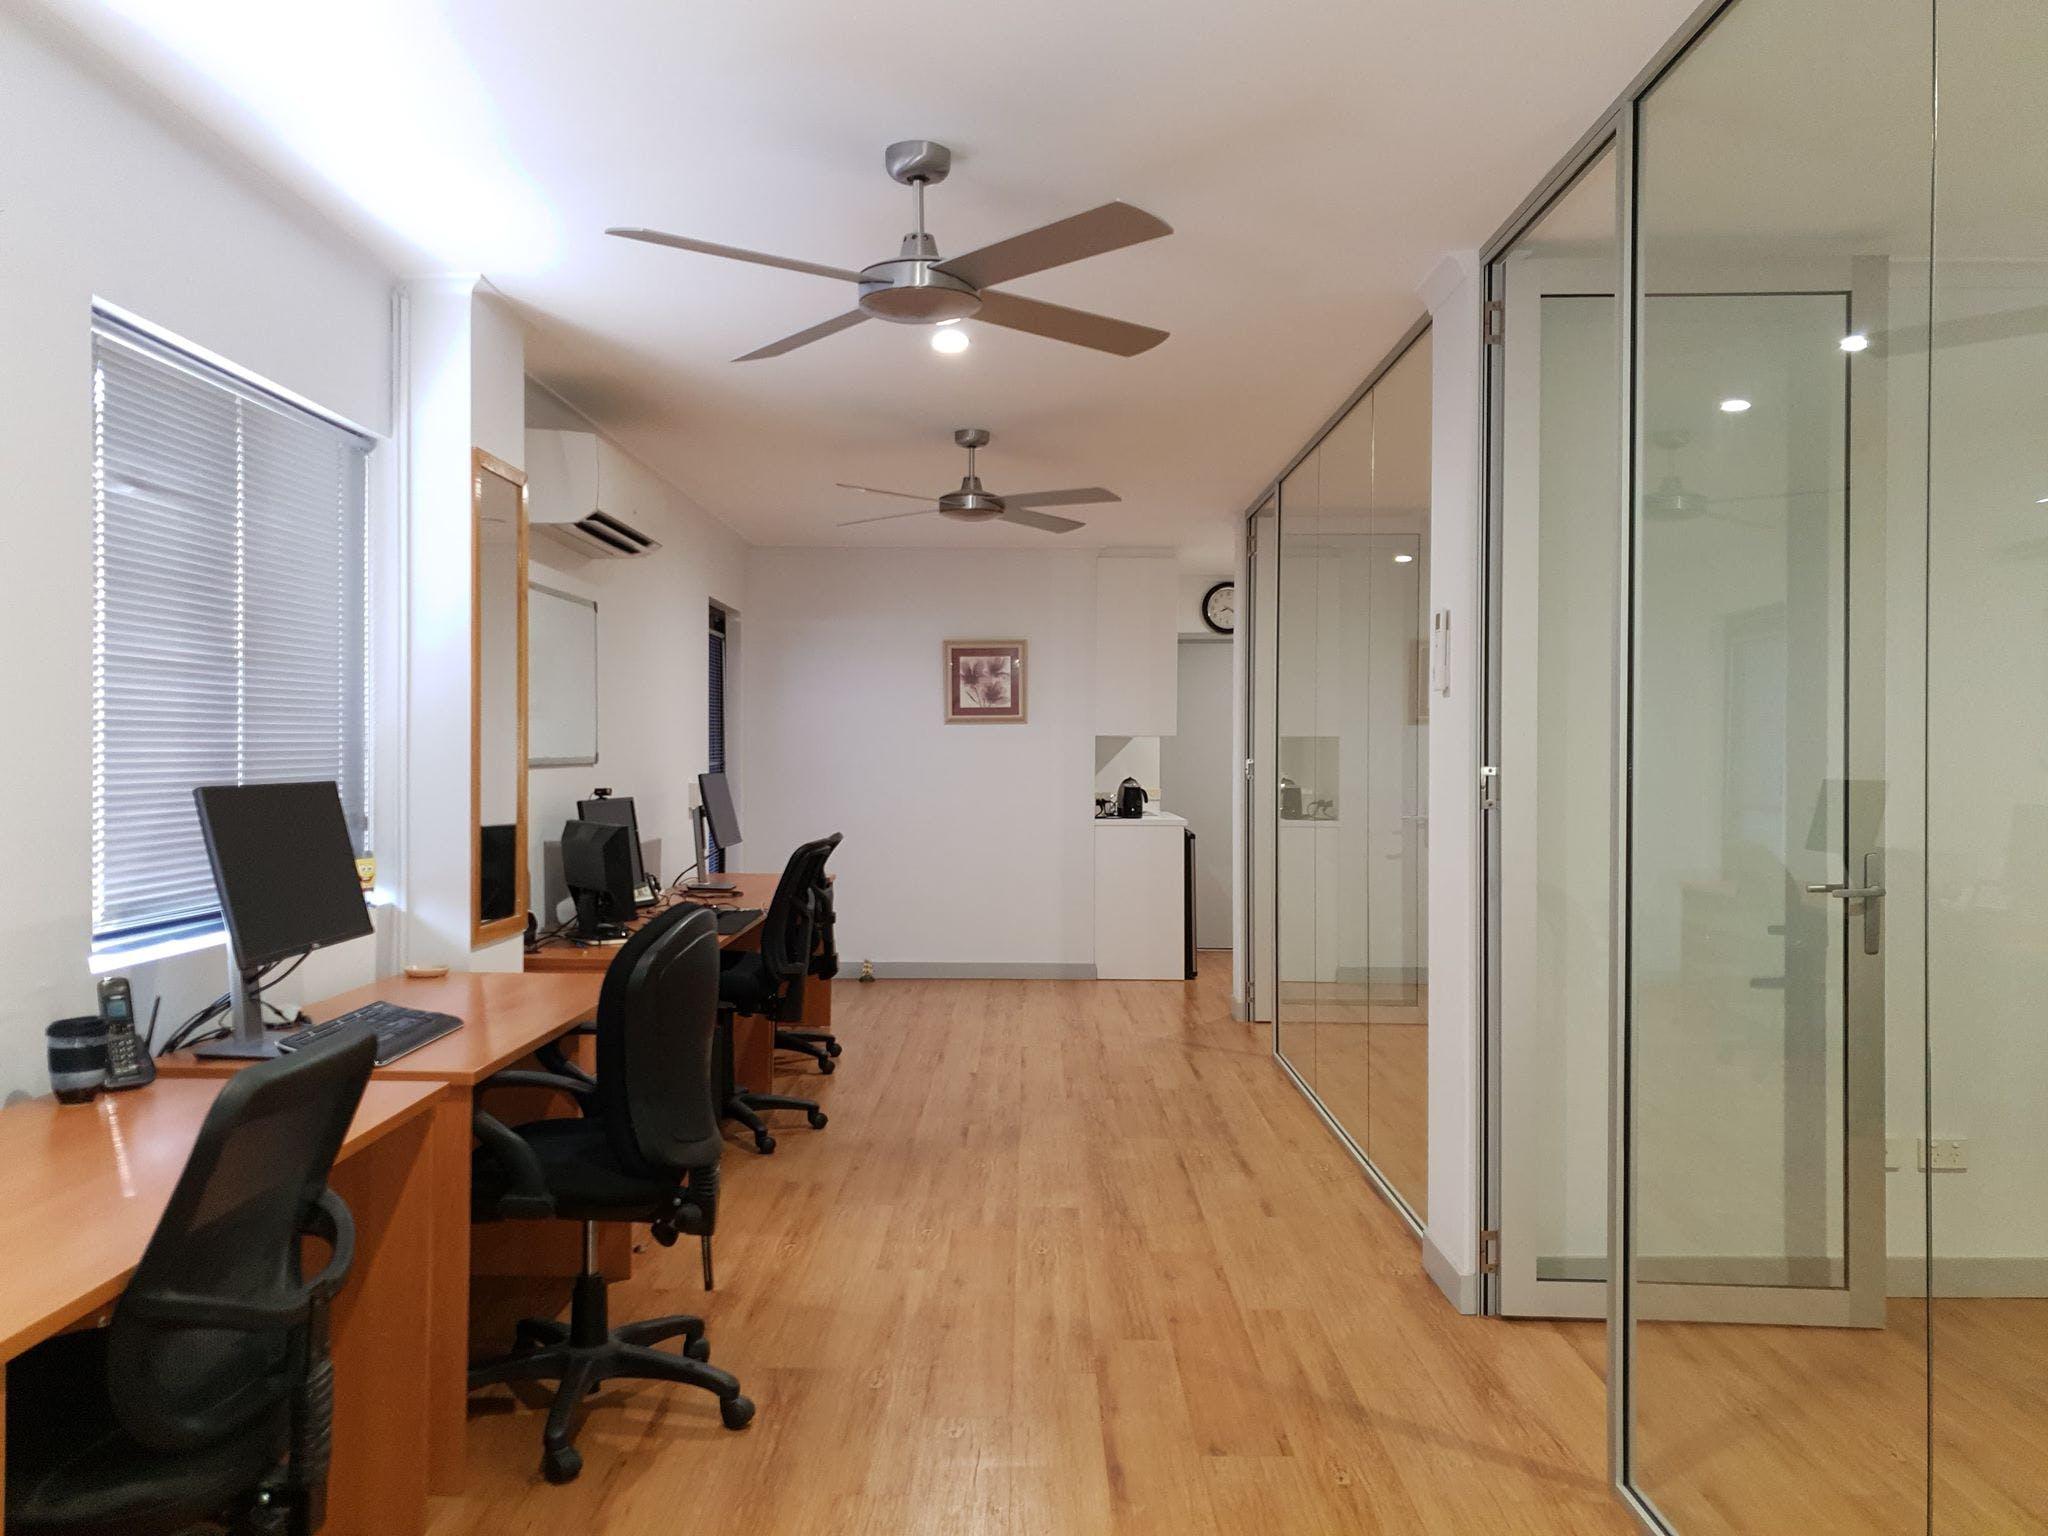 Hot desk at Buderim Hot Desks, image 2